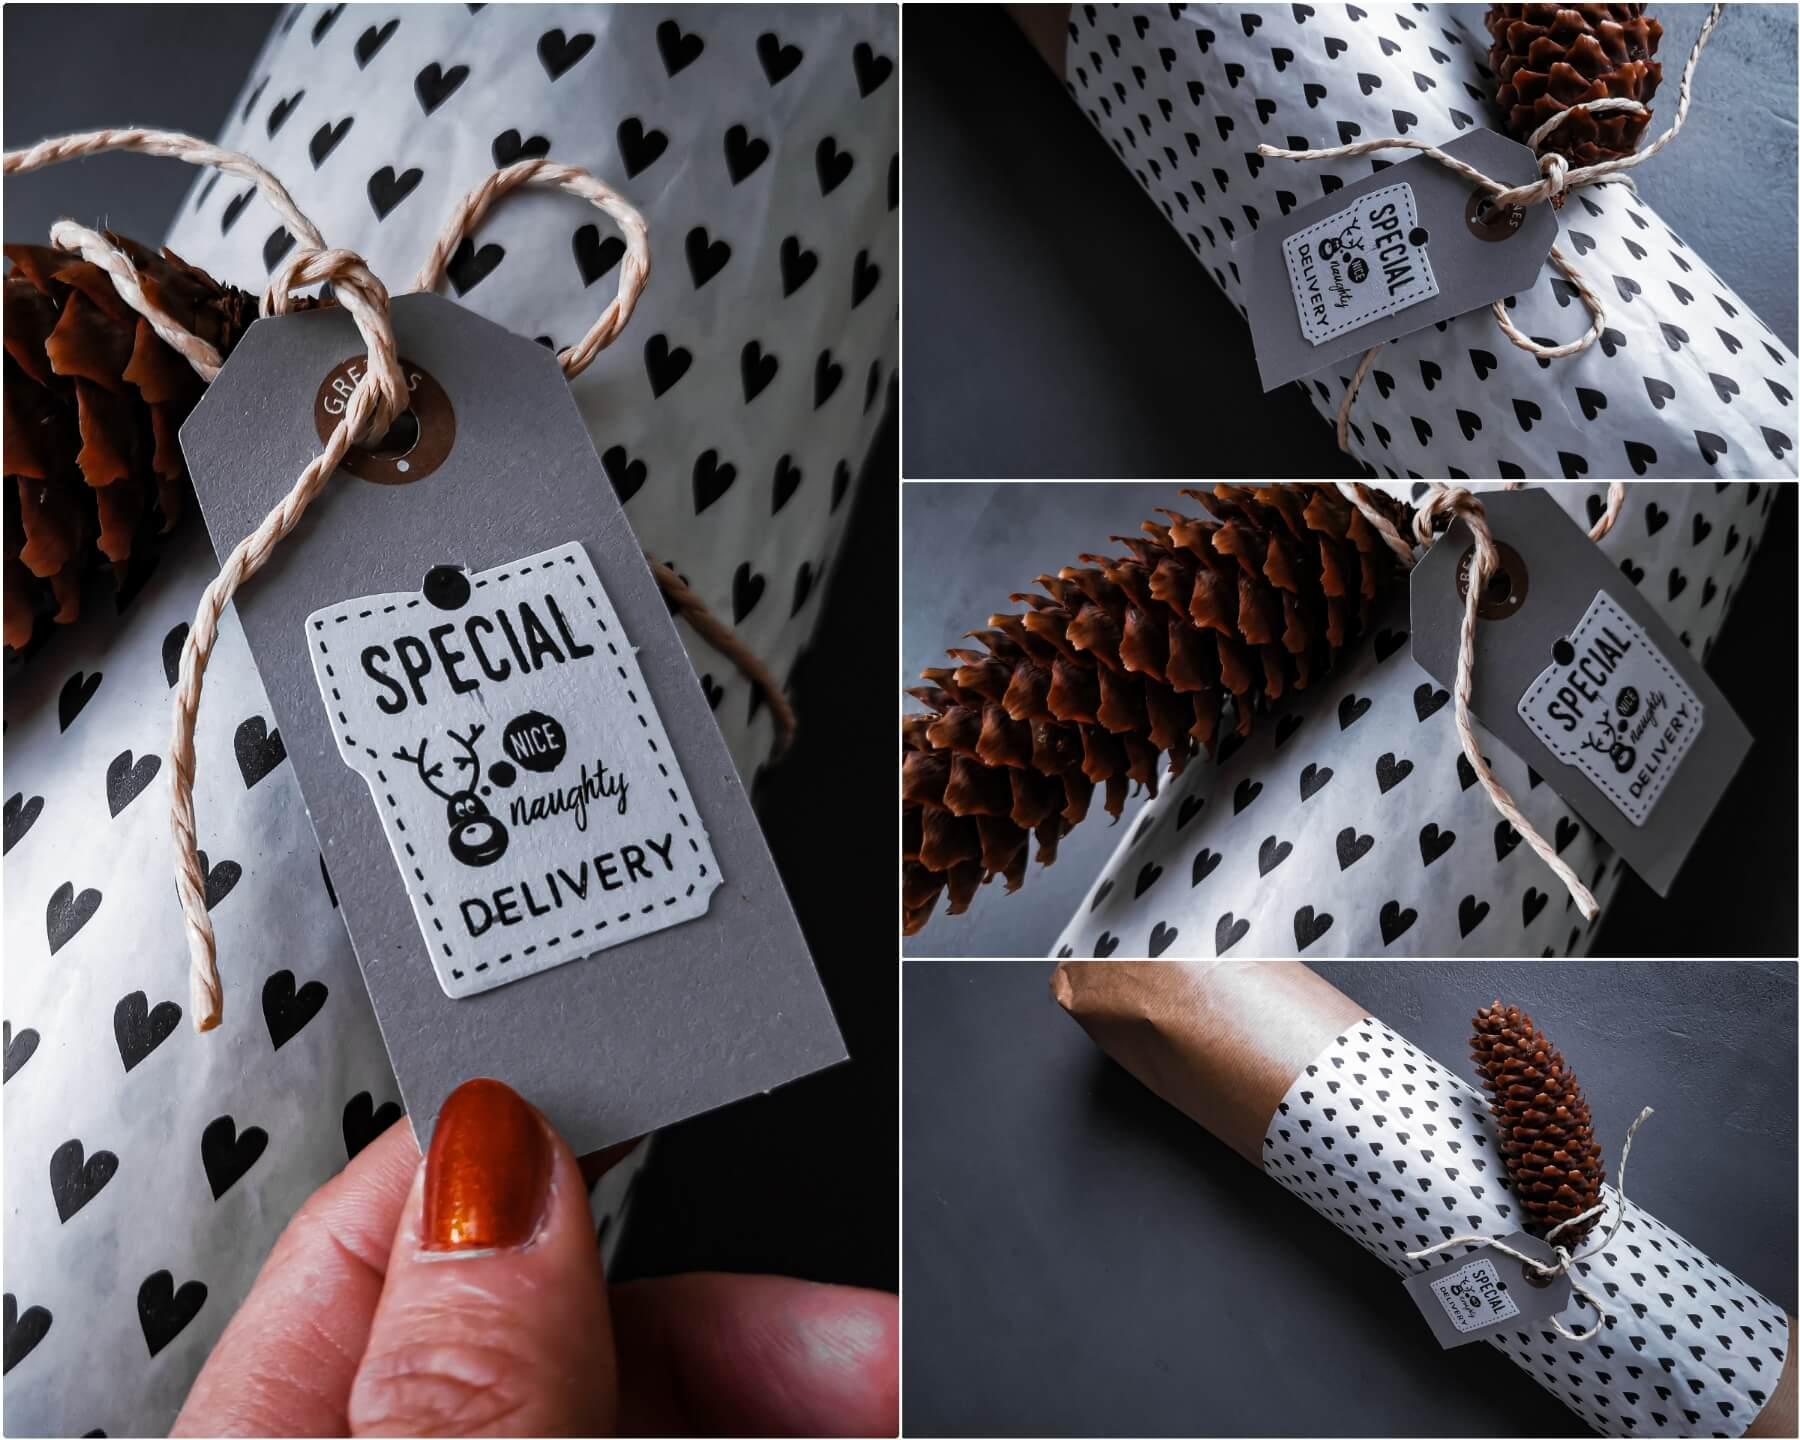 inCollage 20191208 170532300 resized 20191208 050952885 - Geschenke verpacken: 11 kreative Tipps zum Selbermachen